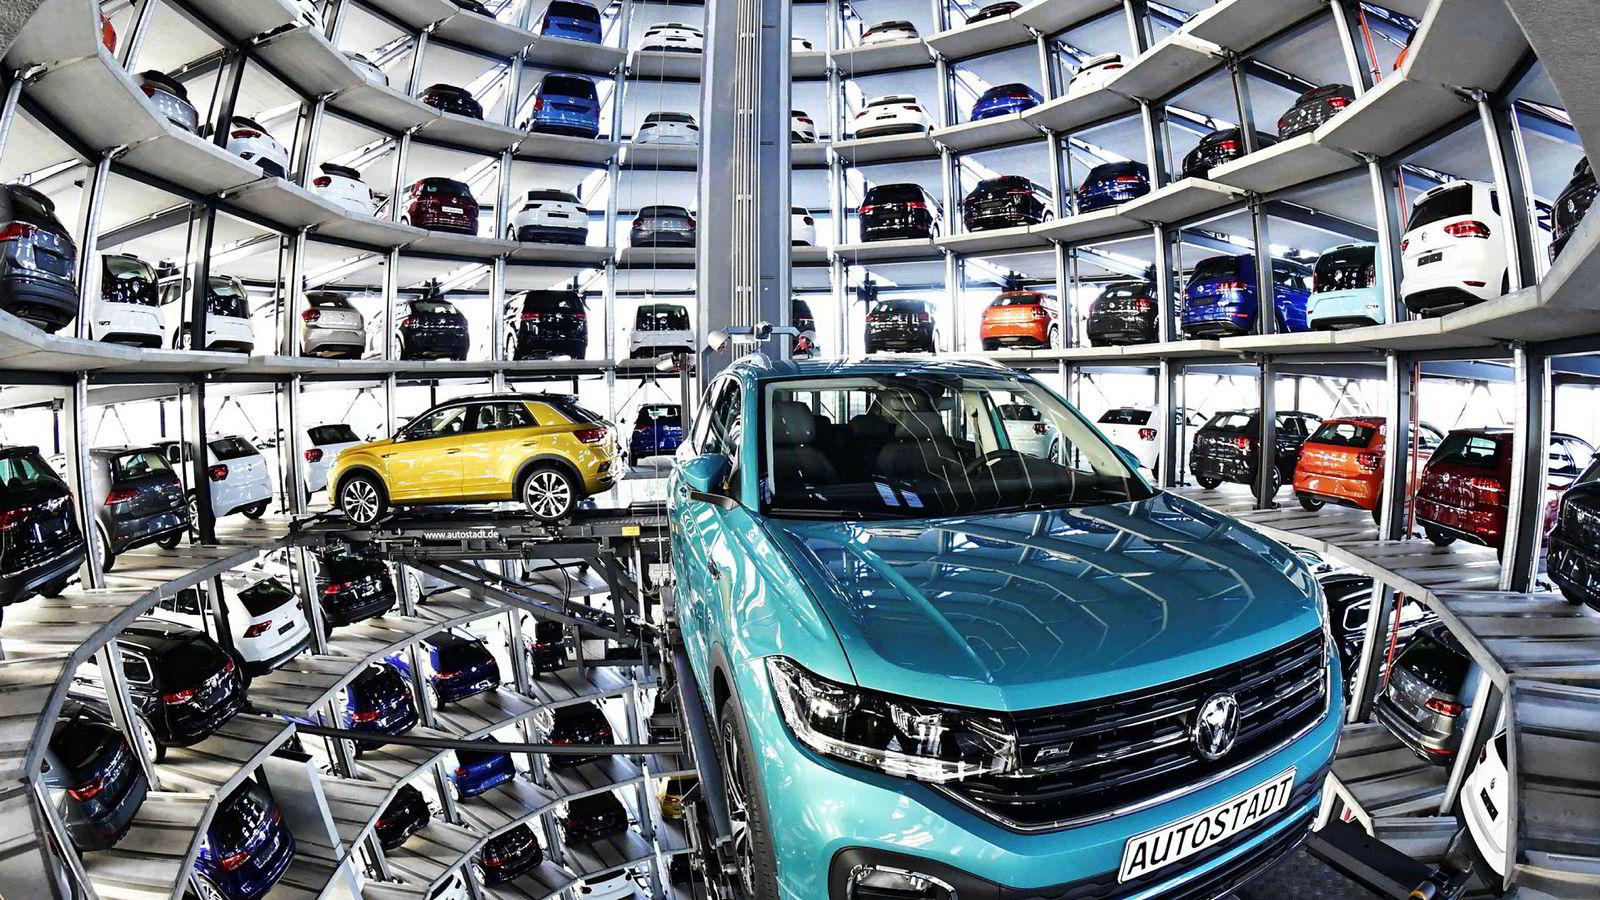 Tysklands industriproduksjon sliter om dagen, spesielt bilindustrien, noe som er med på å trekke ned veksten i tysk økonomi i andre kvartal. Her fra bilfabrikken til Volkswagen i Wolfsburg, nord i Tyskland.